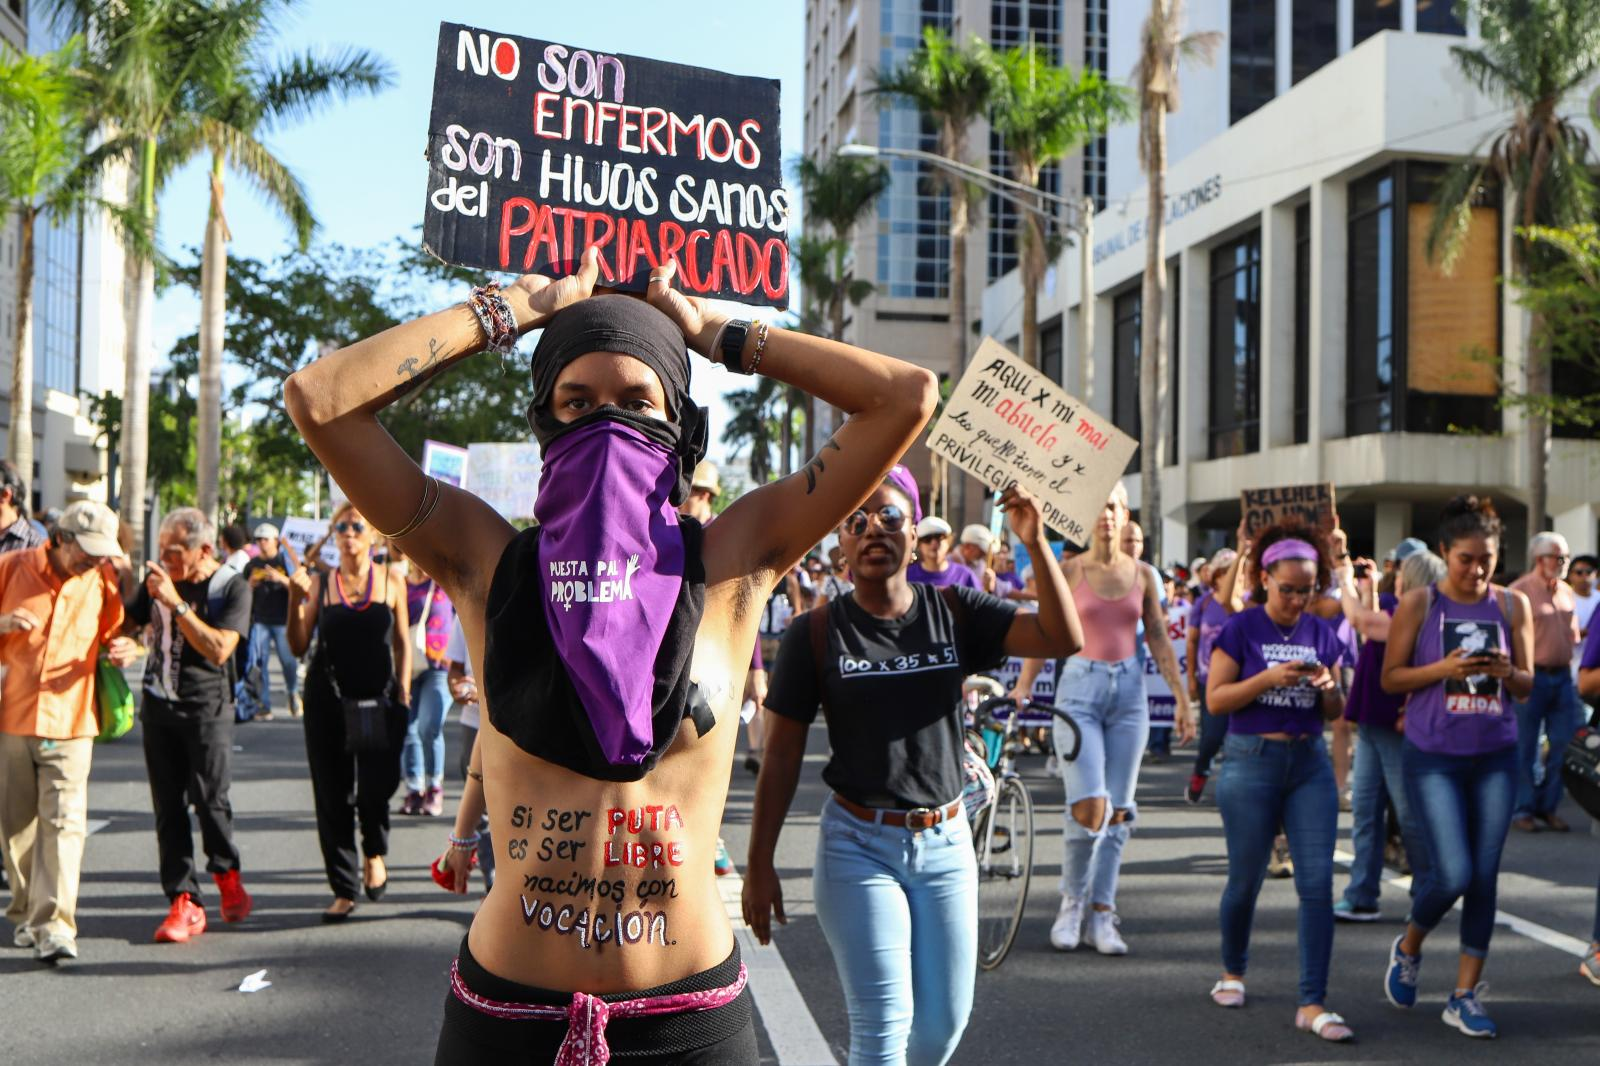 8 de marzo de 2018. Mujeres salen a la calle en reclamo de sus derechos en el día internacional de la mujer. (Nahira Montcourt / NotiCel)